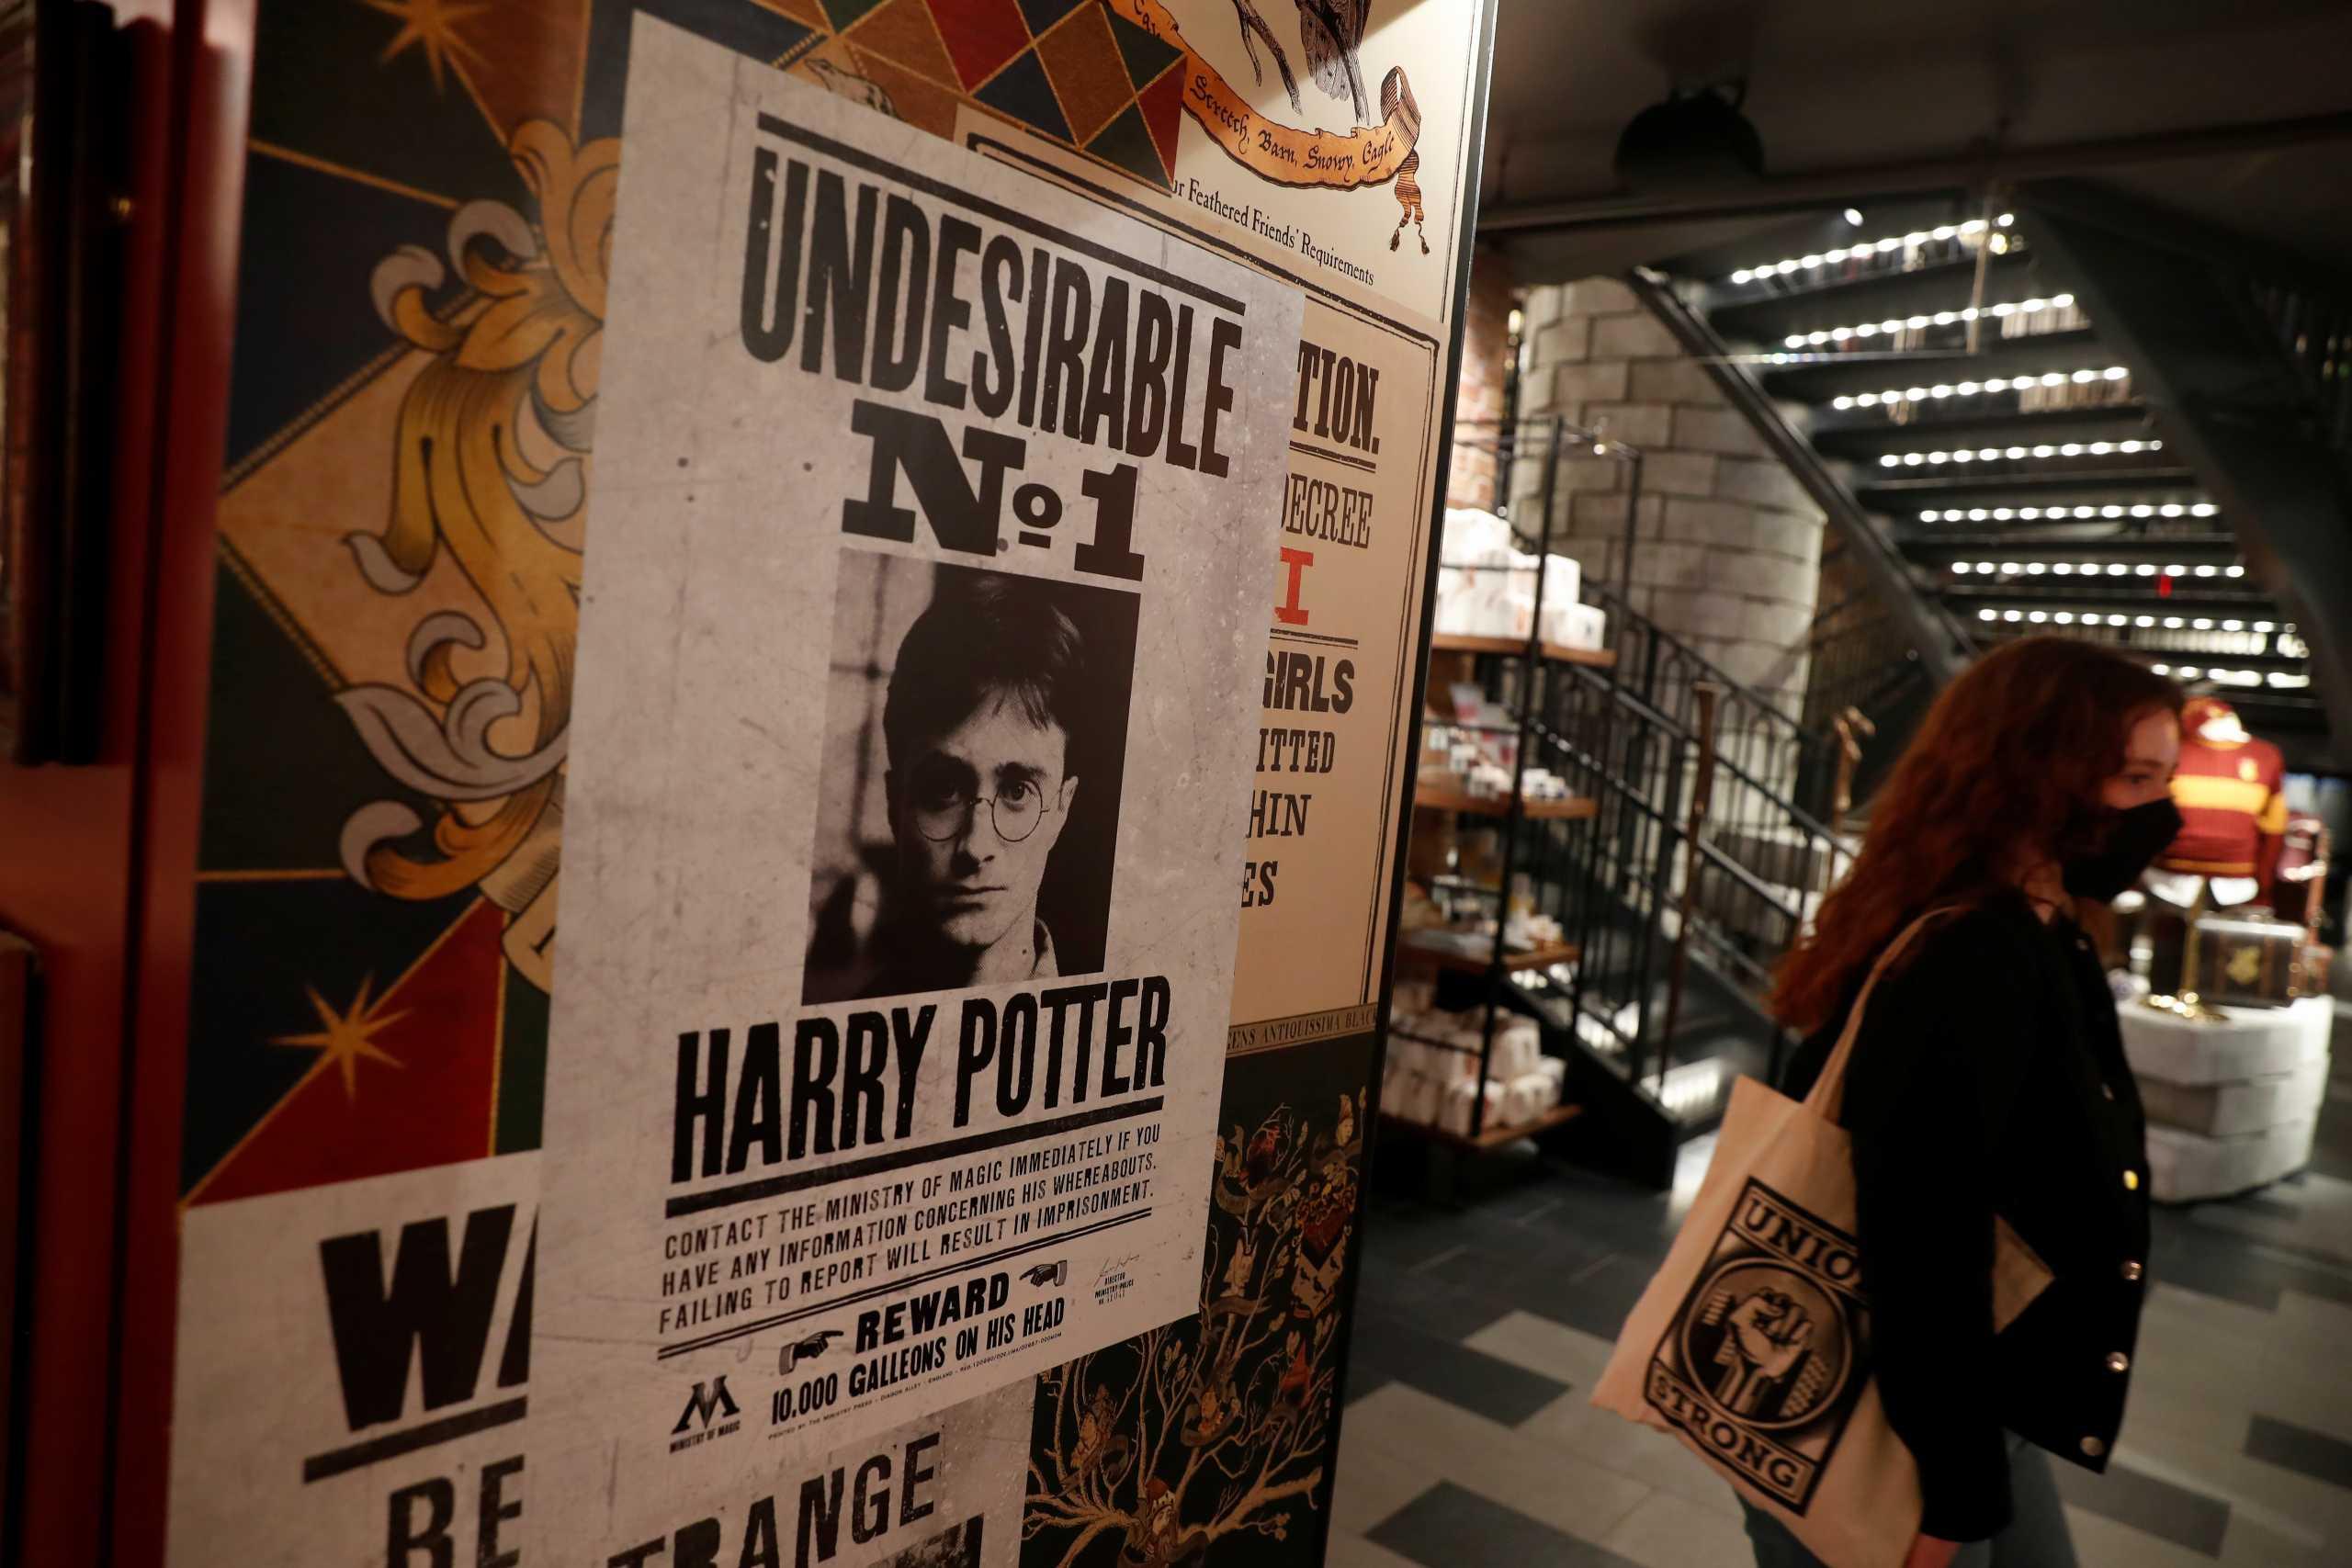 Άνοιξε το μεγαλύτερο κατάστημα Χάρι Πότερ στη Νέα Υόρκη (pics, vid)